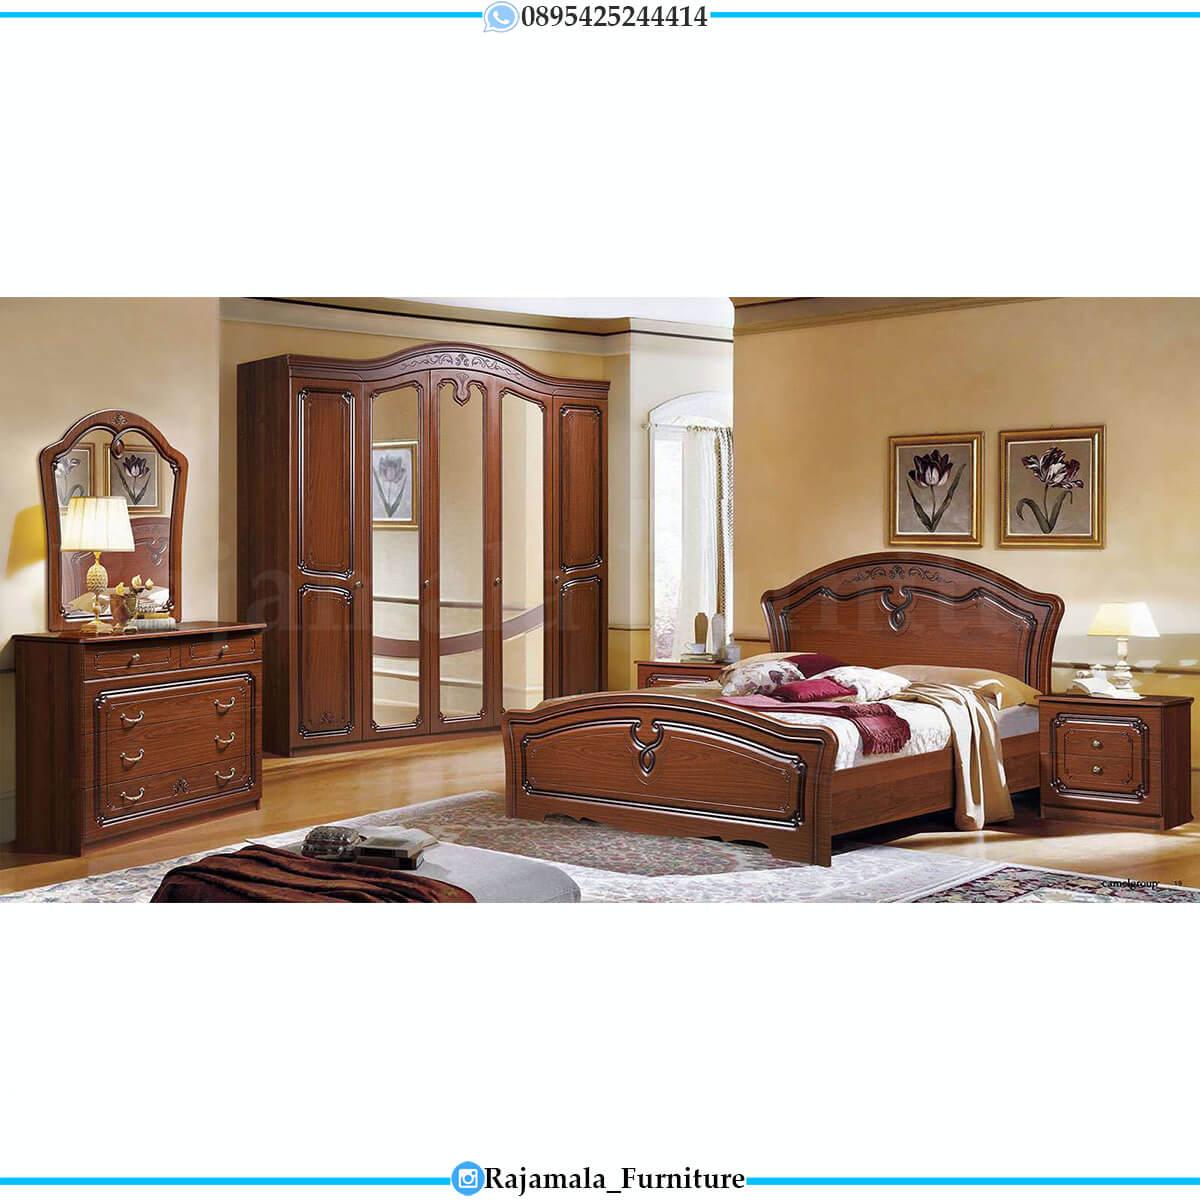 Harga Tempat Tidur Mewah Jati Natural Classic Elegant Color RM-0703